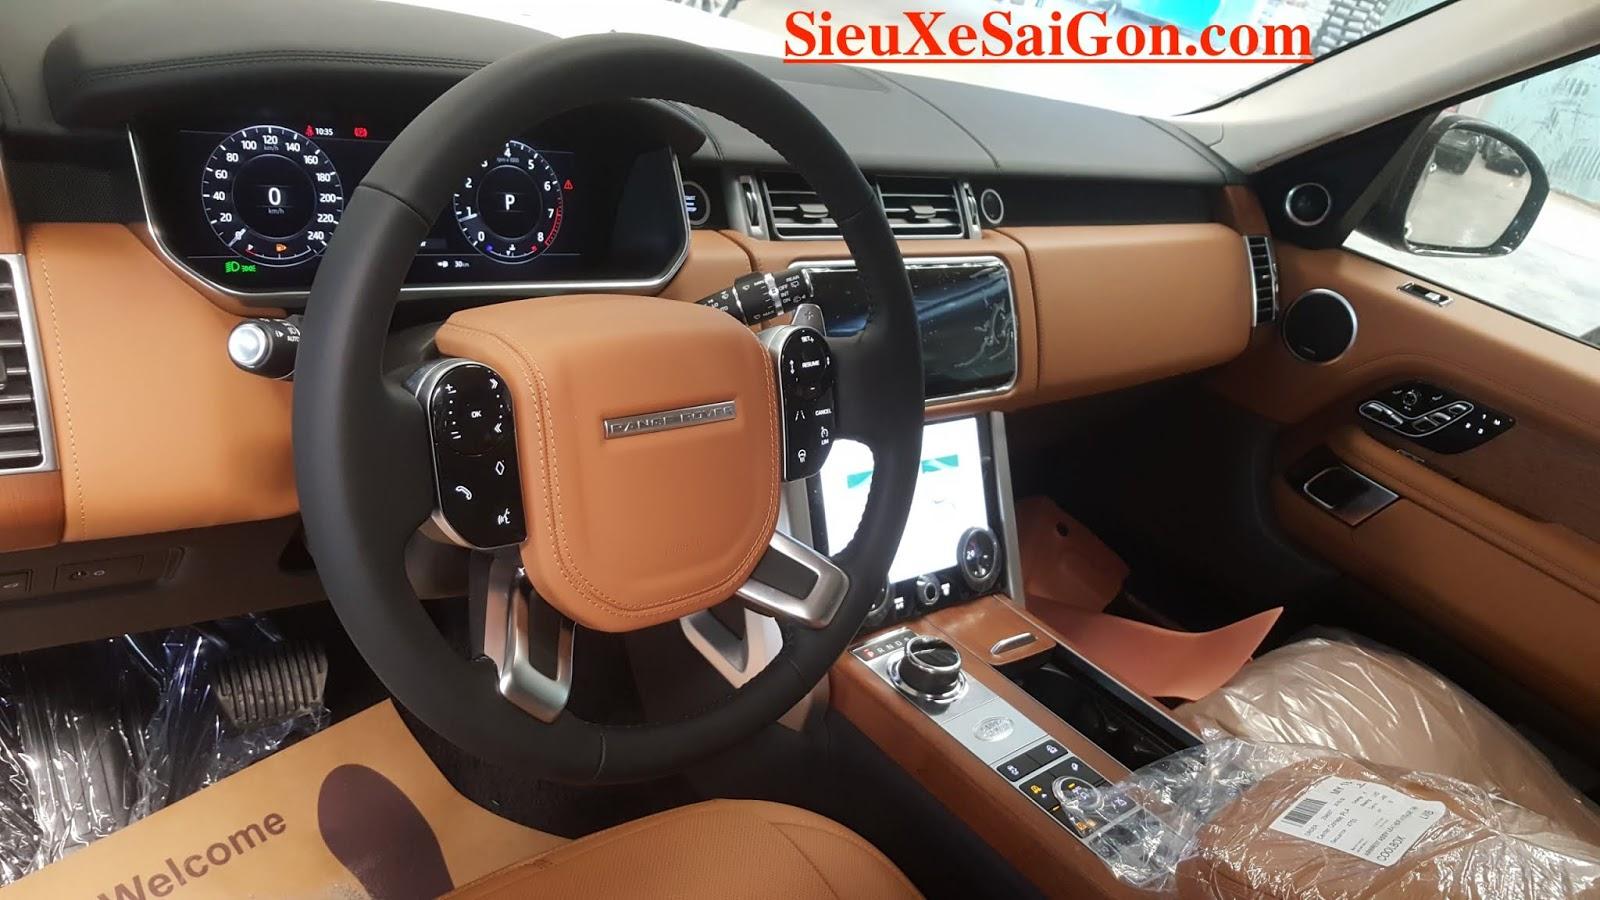 Nội thất màu nâu da bò, Mẫu Động Cơ 3.0 V6 Range Rover Phiên Bản Dài LWB Autobiography 2018 Model 2019 Giao Ngay Giá Bao Nhieu Tiền - màu silicon silver ánh kim bạc